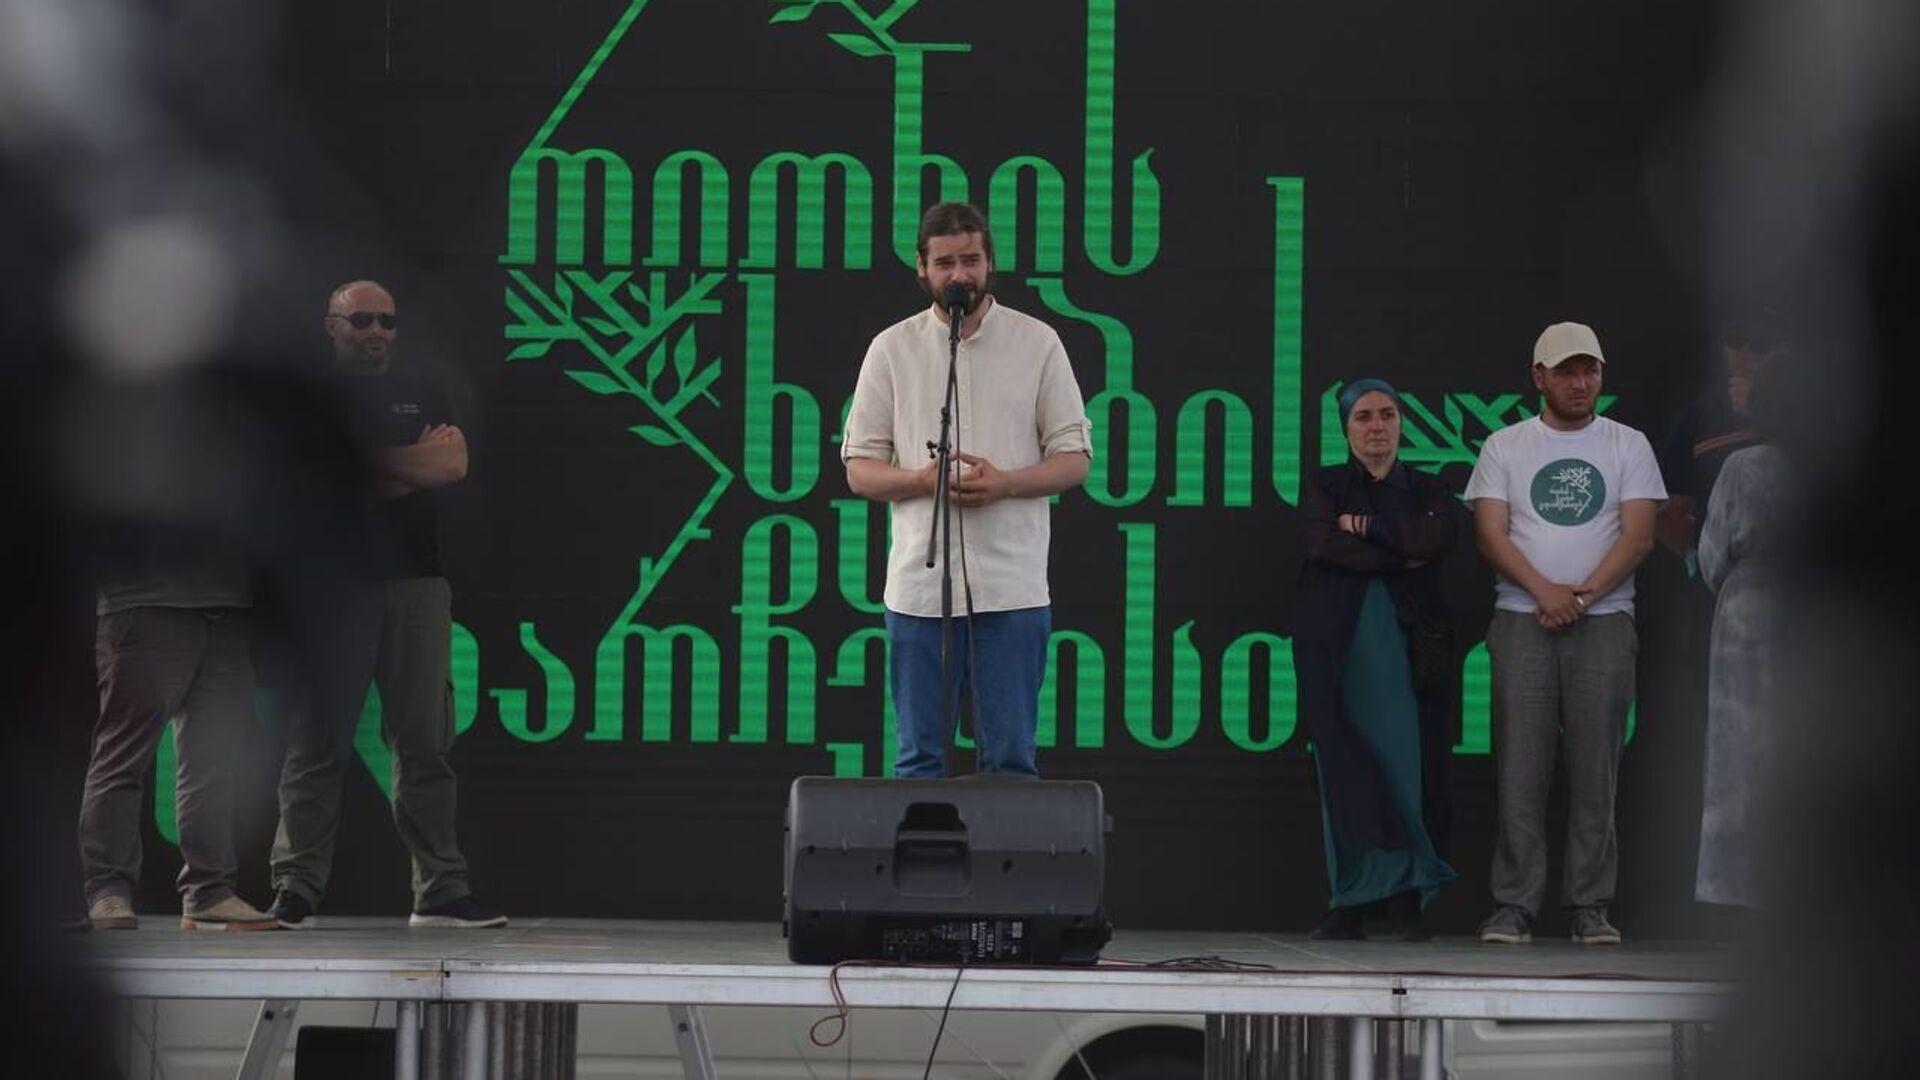 Варлам Голетиани. Противники строительства каскада Намахвани ГЭС проводят акцию протеста 25 мая 2021 года  - Sputnik Грузия, 1920, 22.09.2021